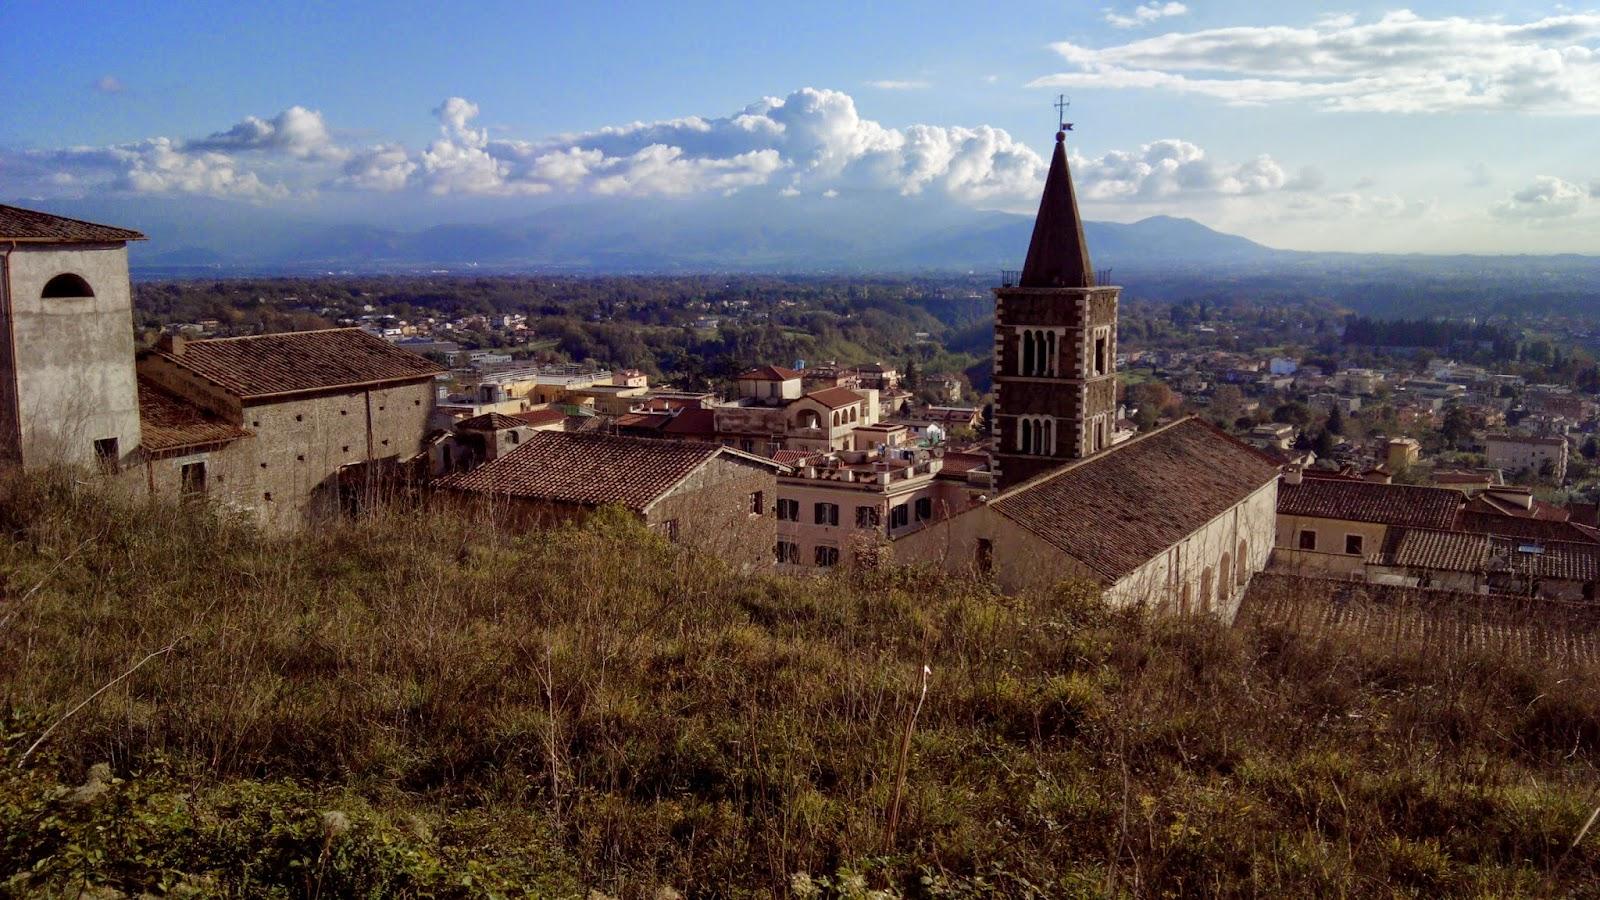 Vista de Tirar o fôlego do alto do museu arqueológico de Palestrina